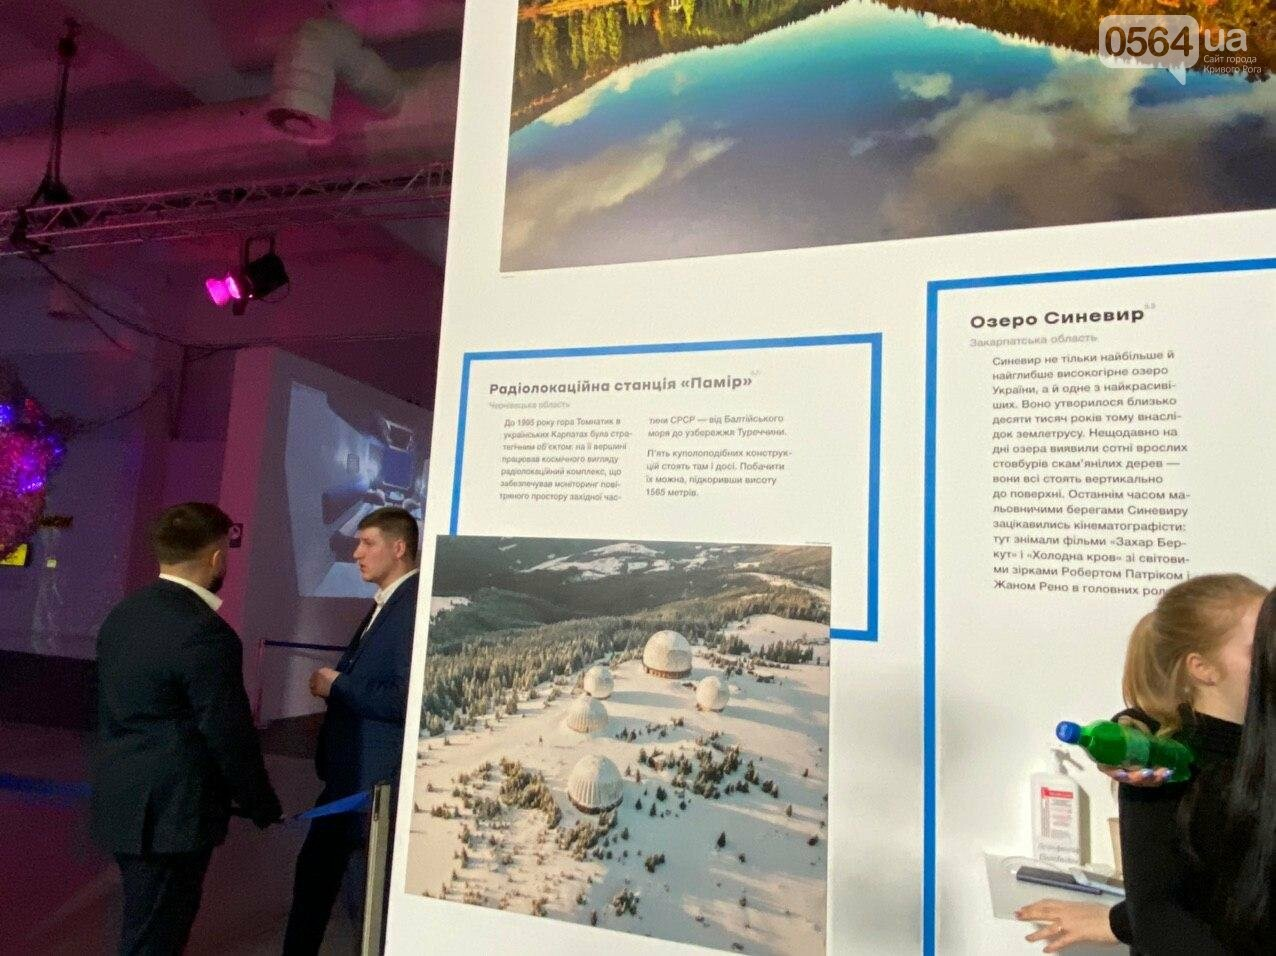 Ukraine WOW: что можно было узнать о Кривом Роге на интерактивной выставке, - ФОТО , фото-20